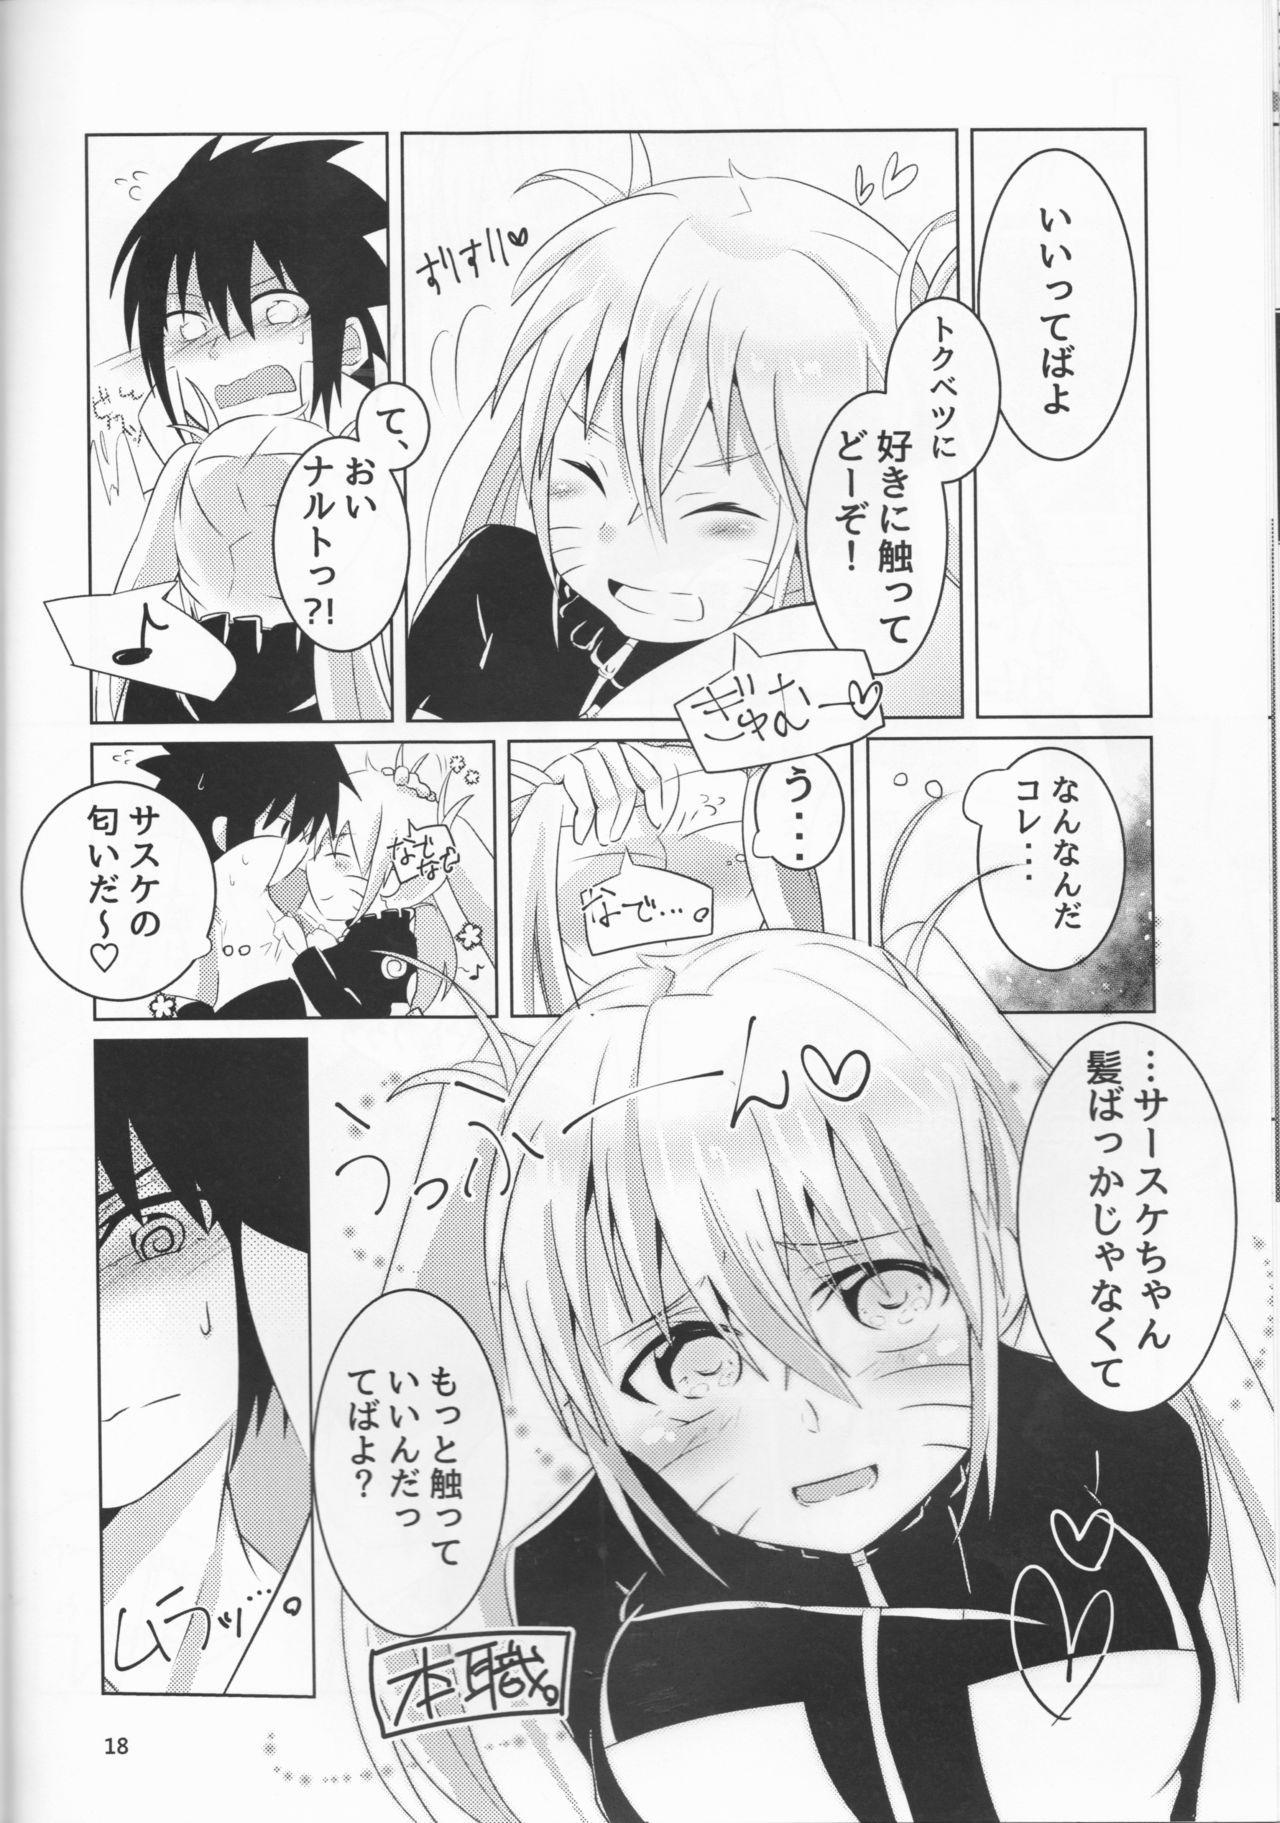 Douyara Usuratonkachi no Kudaranai Jutsu wa Ore ni Kouka ga Nai rashii. 17